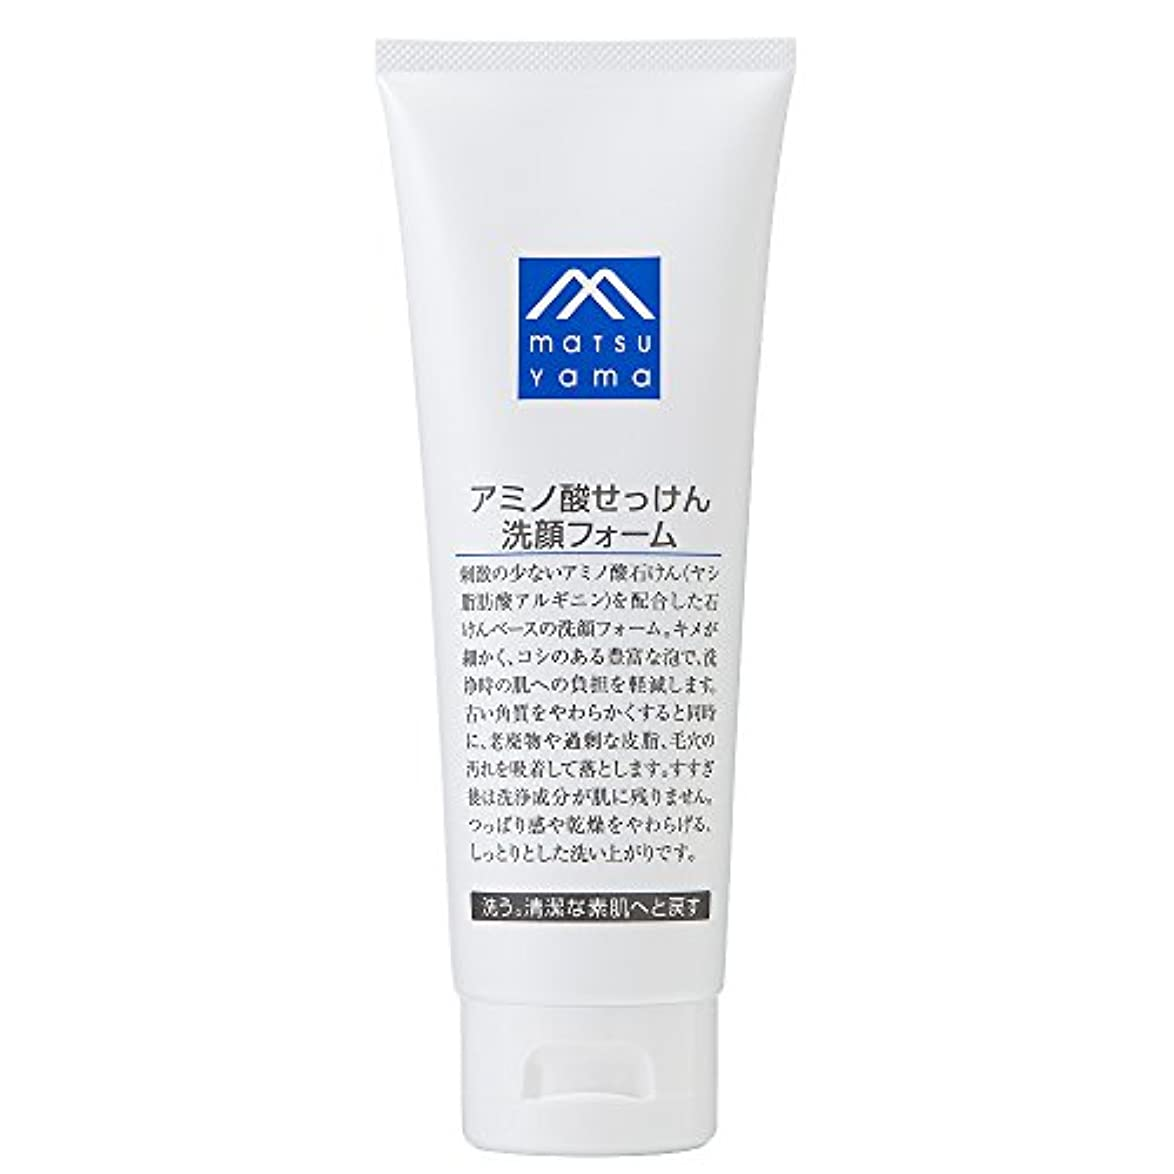 カップルバー中絶M-mark アミノ酸せっけん洗顔フォーム